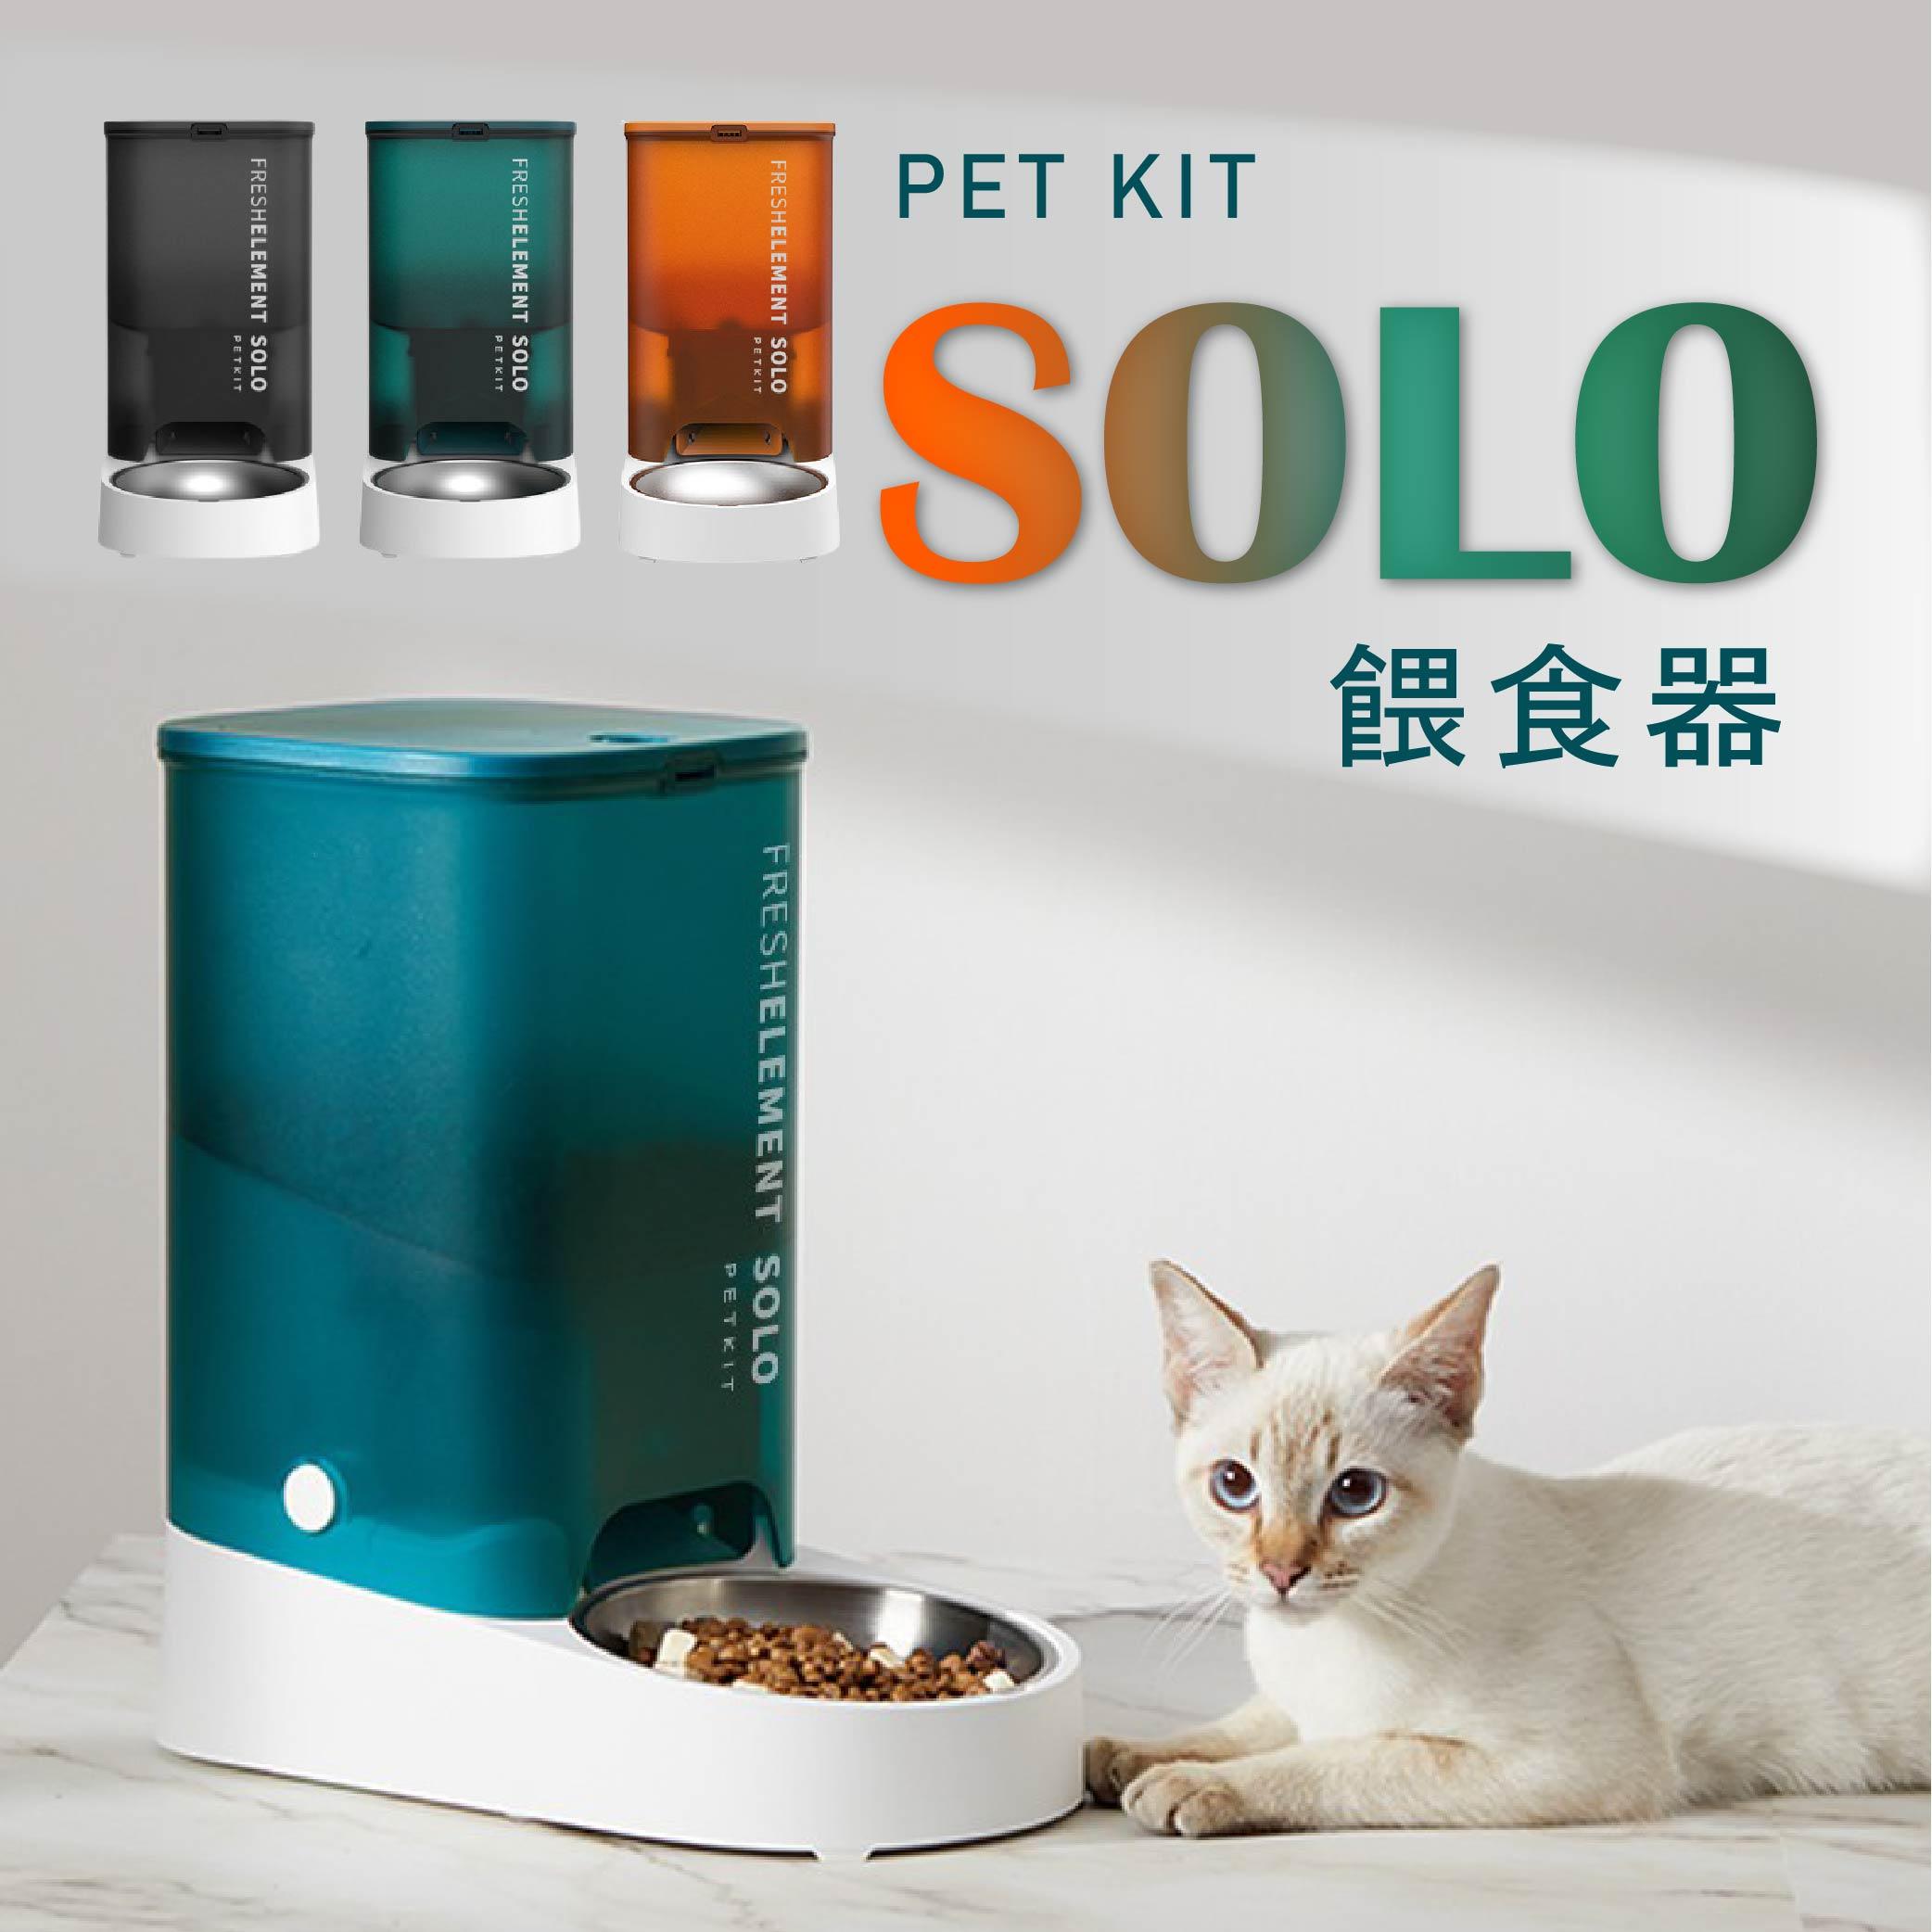 🔥全台首發預售🔥PETKIT SOLO自動餵食器 寵物餵食器 餵食容器 佩奇SOLO SOLO餵食器 可凍乾